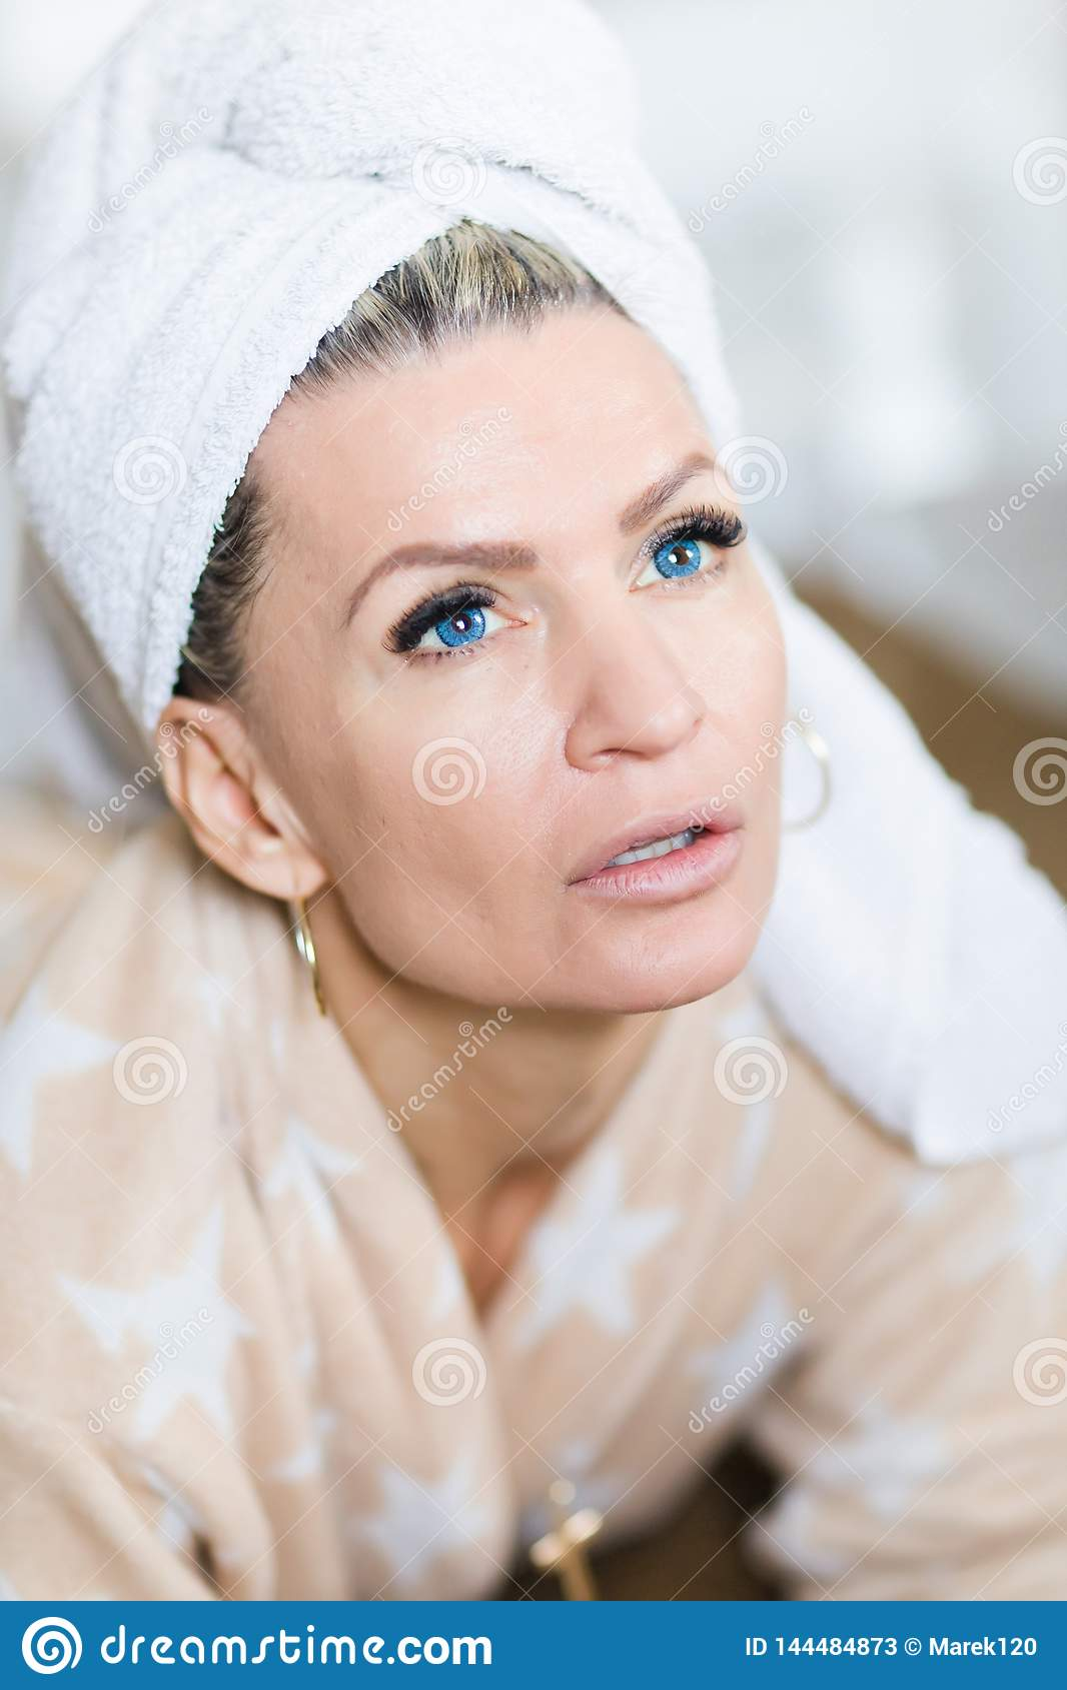 Привлекательная женщина с голубыми контактными линзами с полотенцем на голове после релаксации